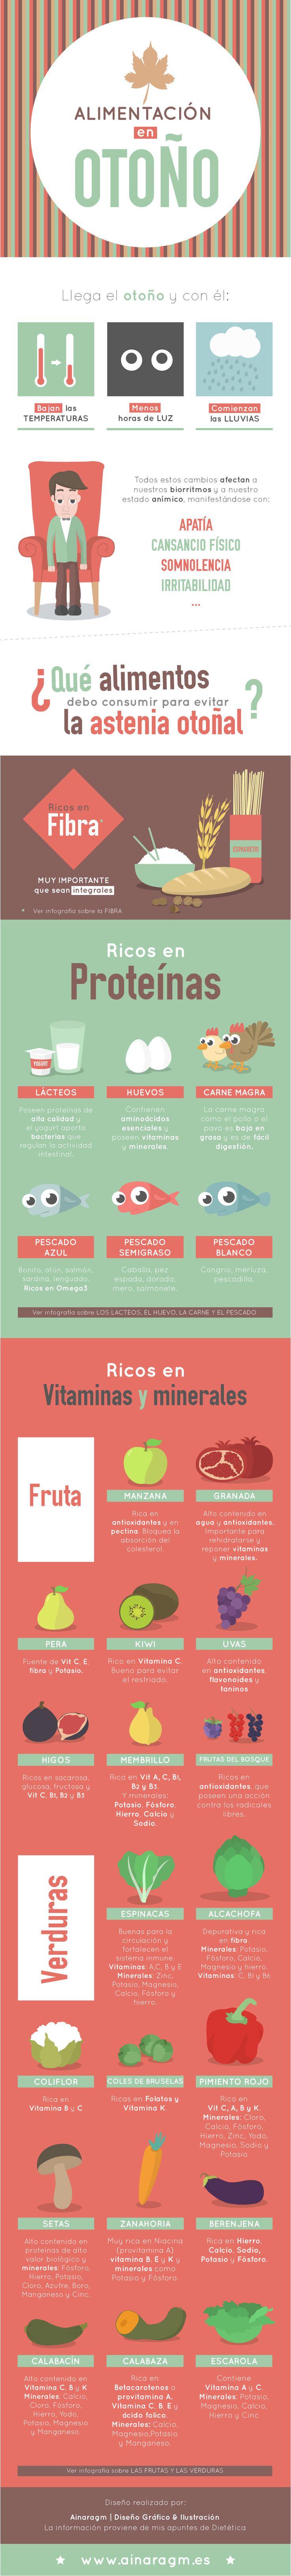 Infografía sobre la alimentación en otoño #nutricion #salud #bienestar